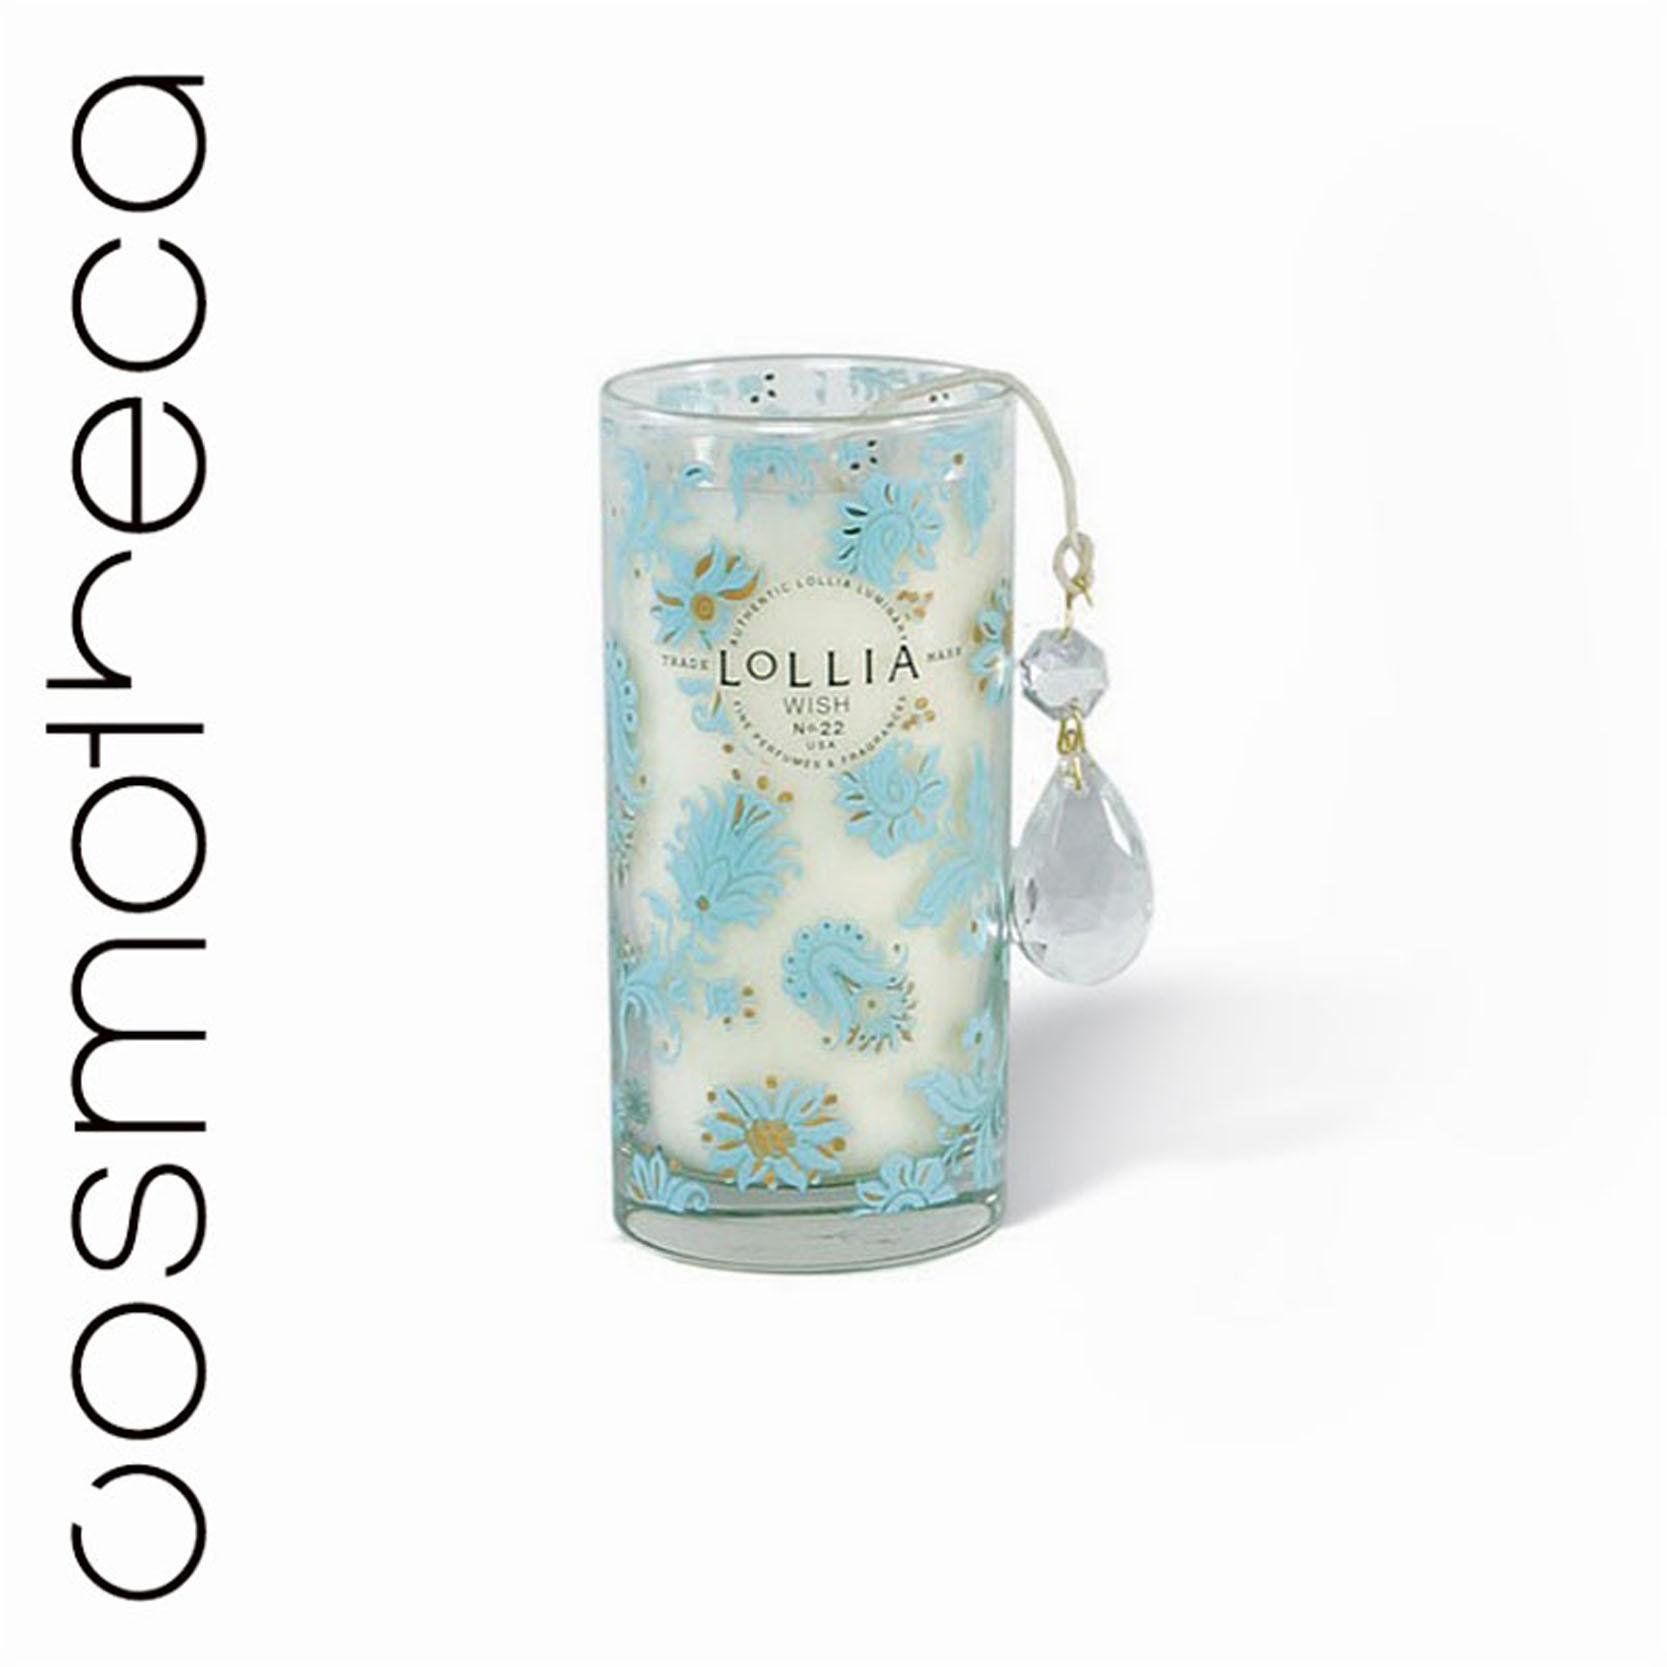 Lollia Свеча ароматизированная Желание, 300 гTKM10Q1WДорожная ароматизированная свеча Lollia Желание. Ароматические ноты: ваниль, цветы риса, глазурь, пастила, листья жасмина, иланг-иланг, янтарное дерево.